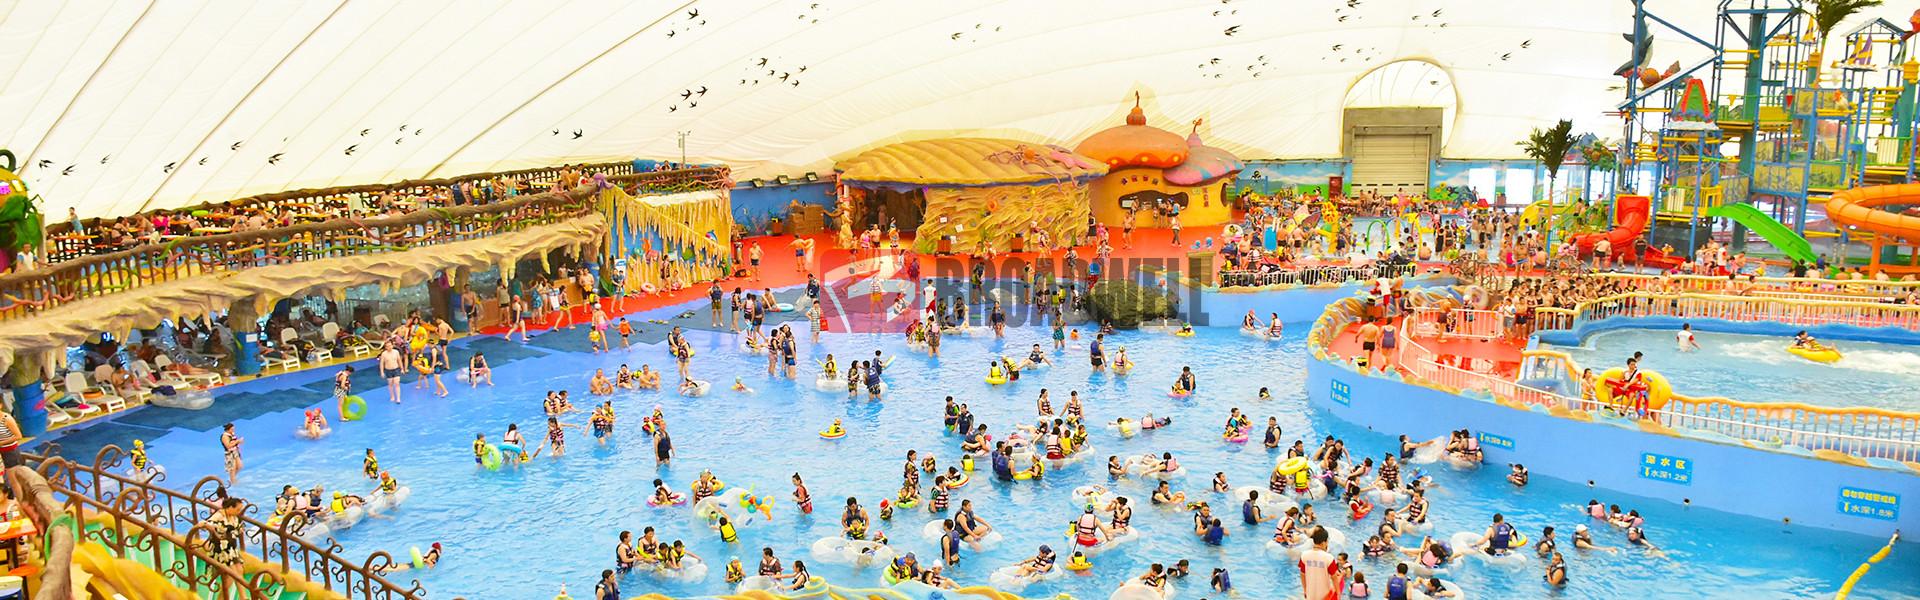 世界最大充气膜水上乐园——新疆神木园充气膜水上乐园